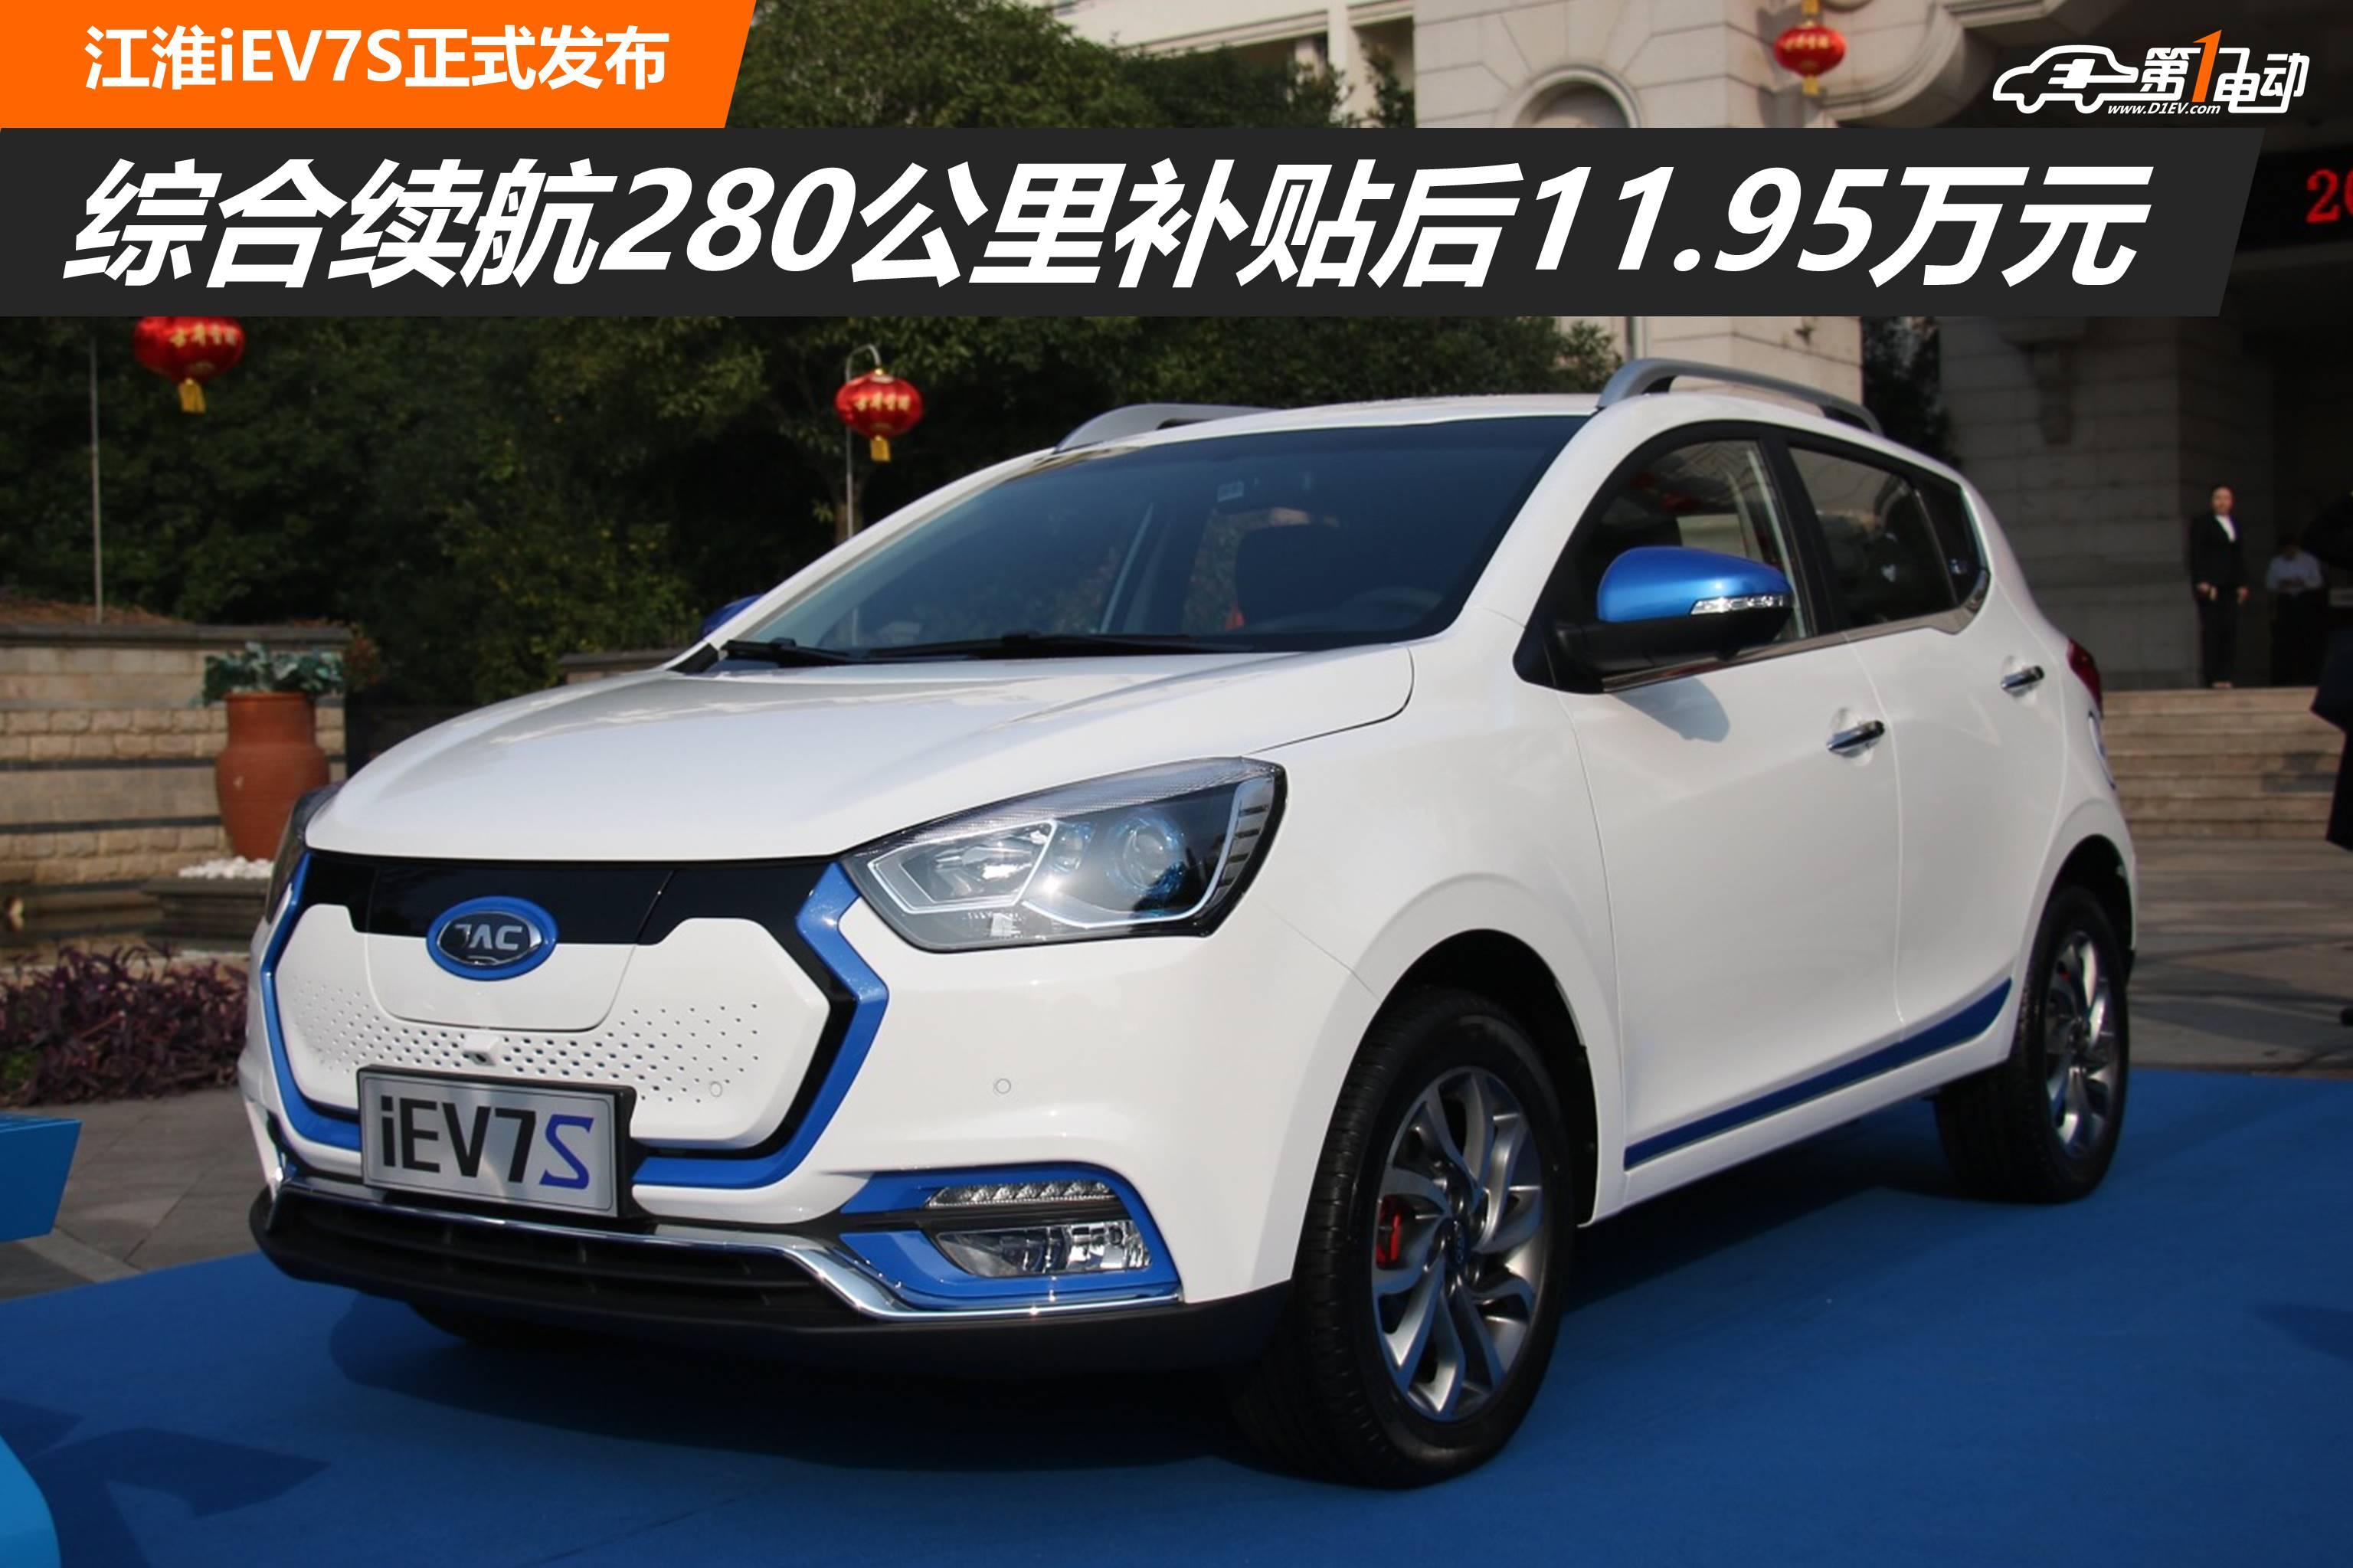 综合续航280公里补贴后11.95万元 江淮iEV7S正式发布